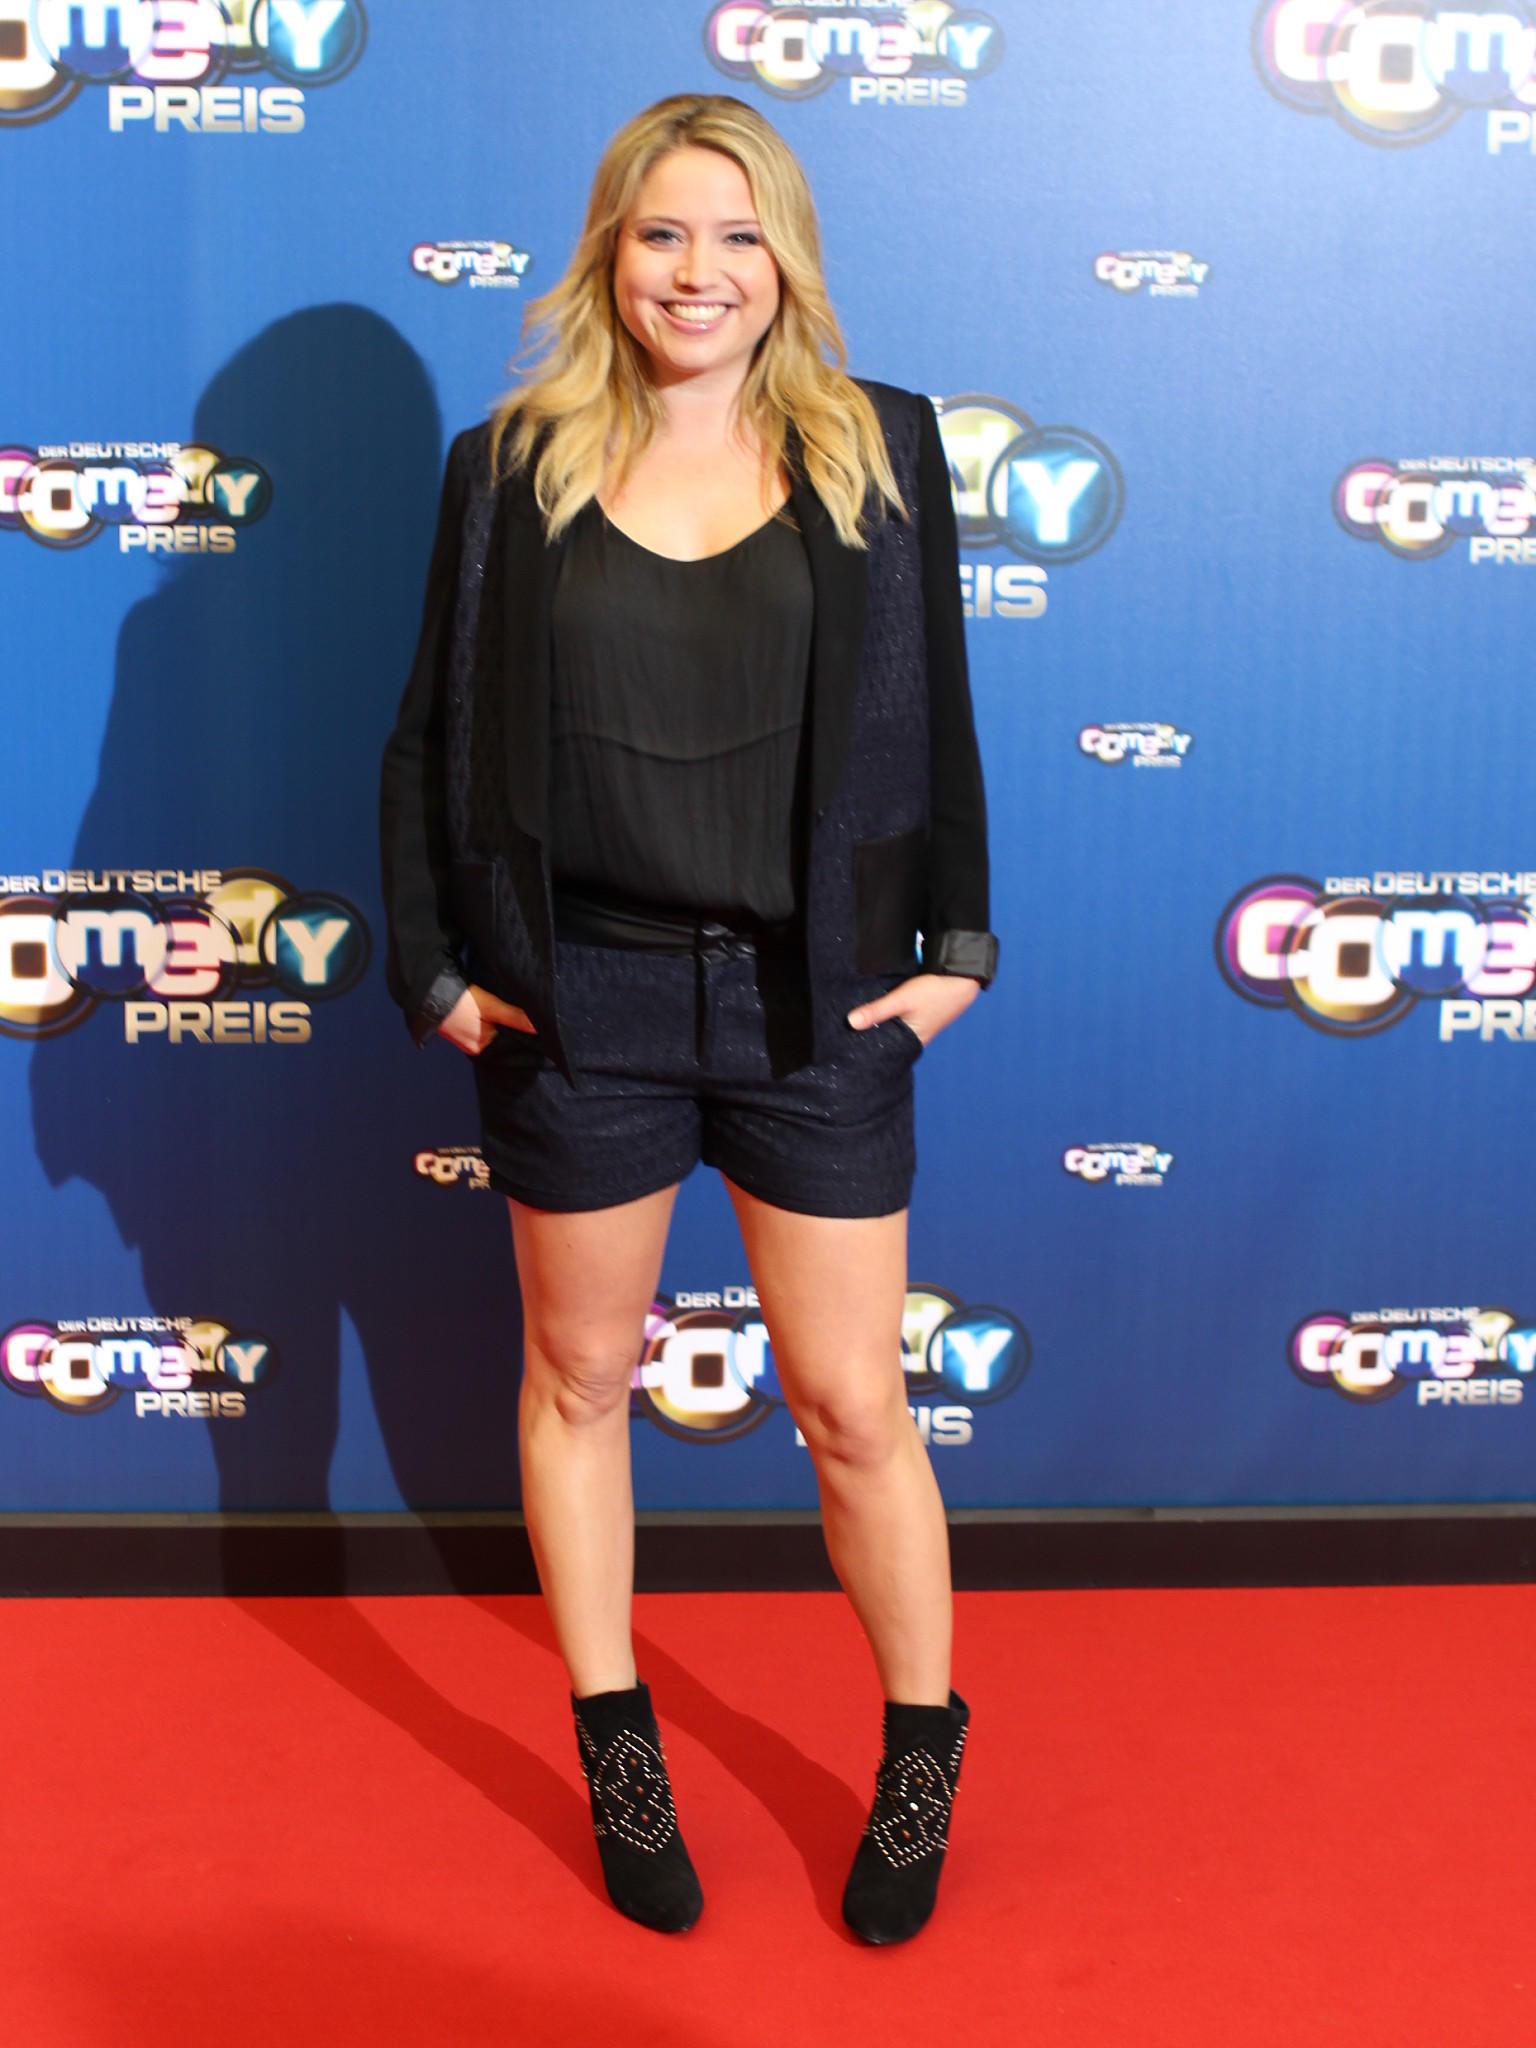 Comedypreis 2013: Die Kleider vom Roten Teppich